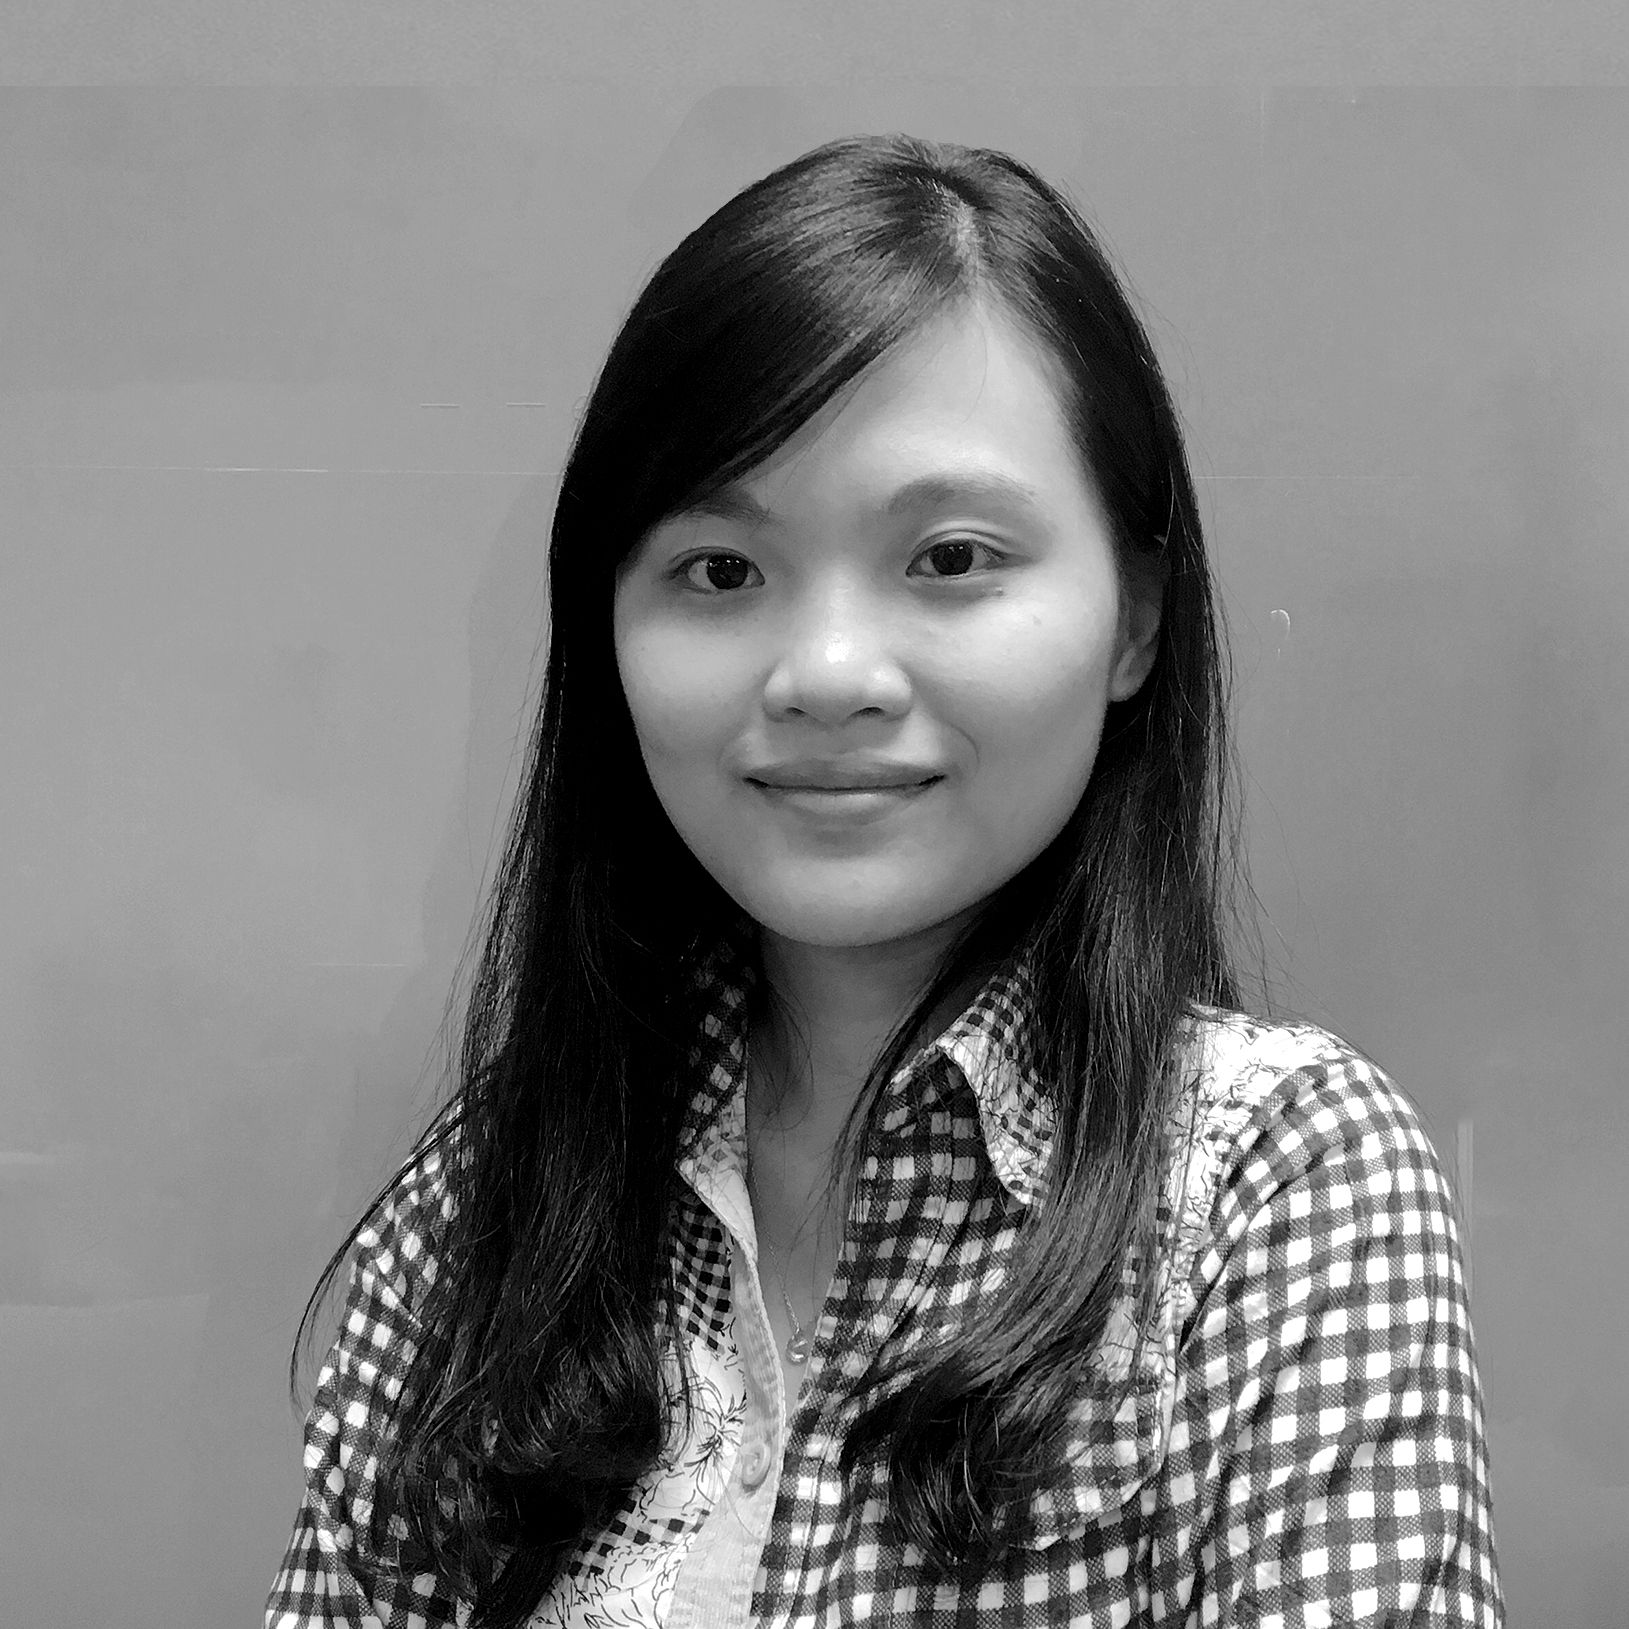 Irene Nguyen